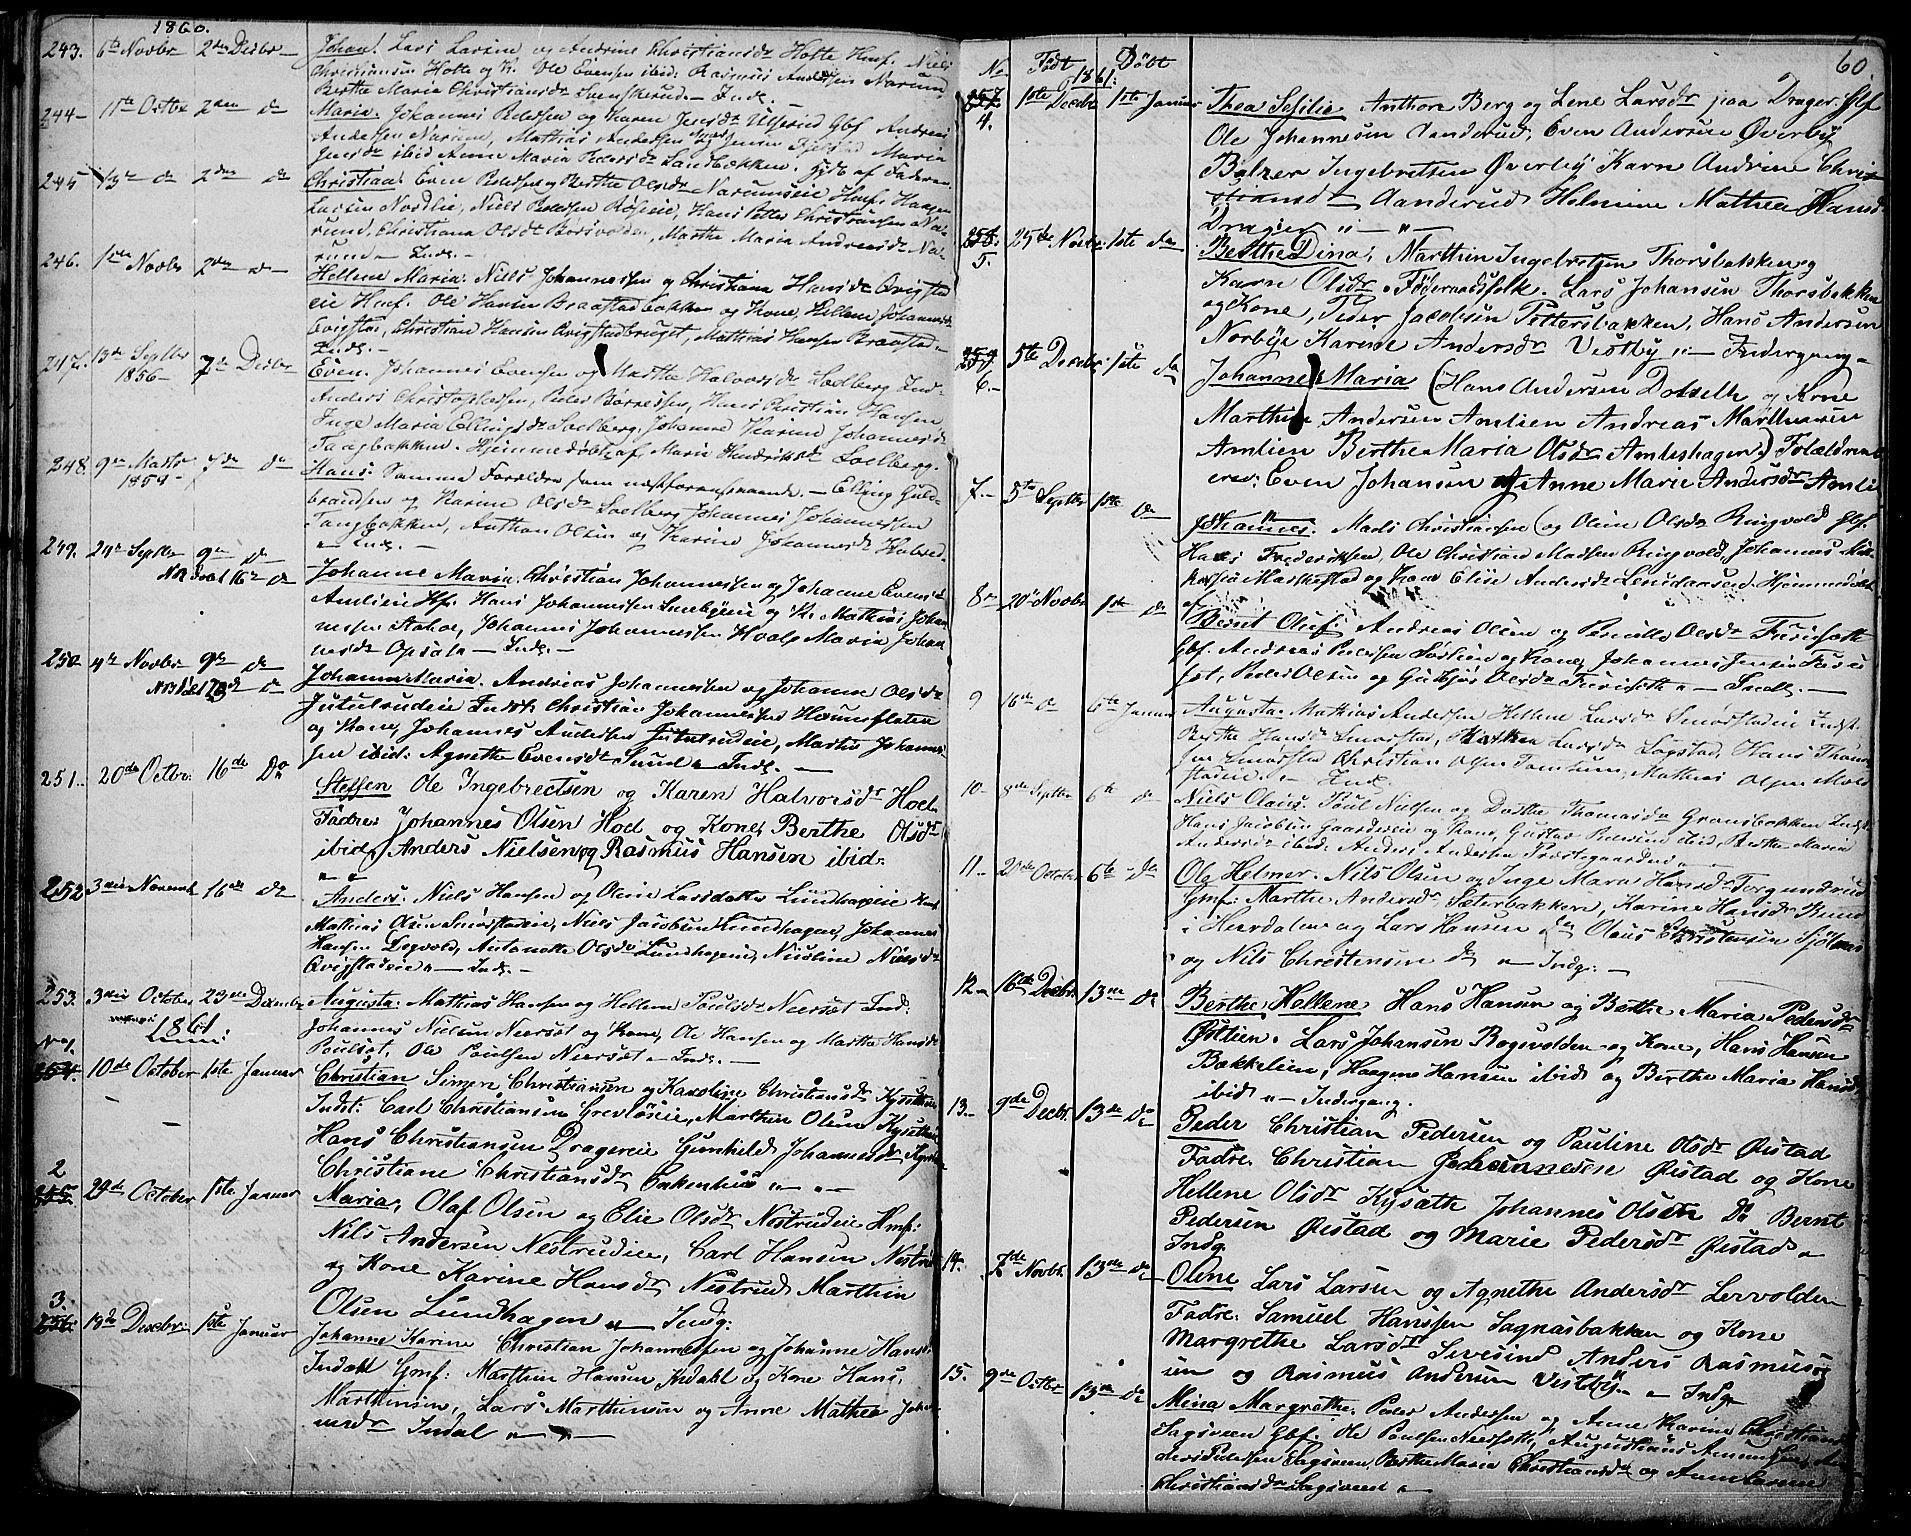 SAH, Vestre Toten prestekontor, Klokkerbok nr. 5, 1854-1870, s. 60